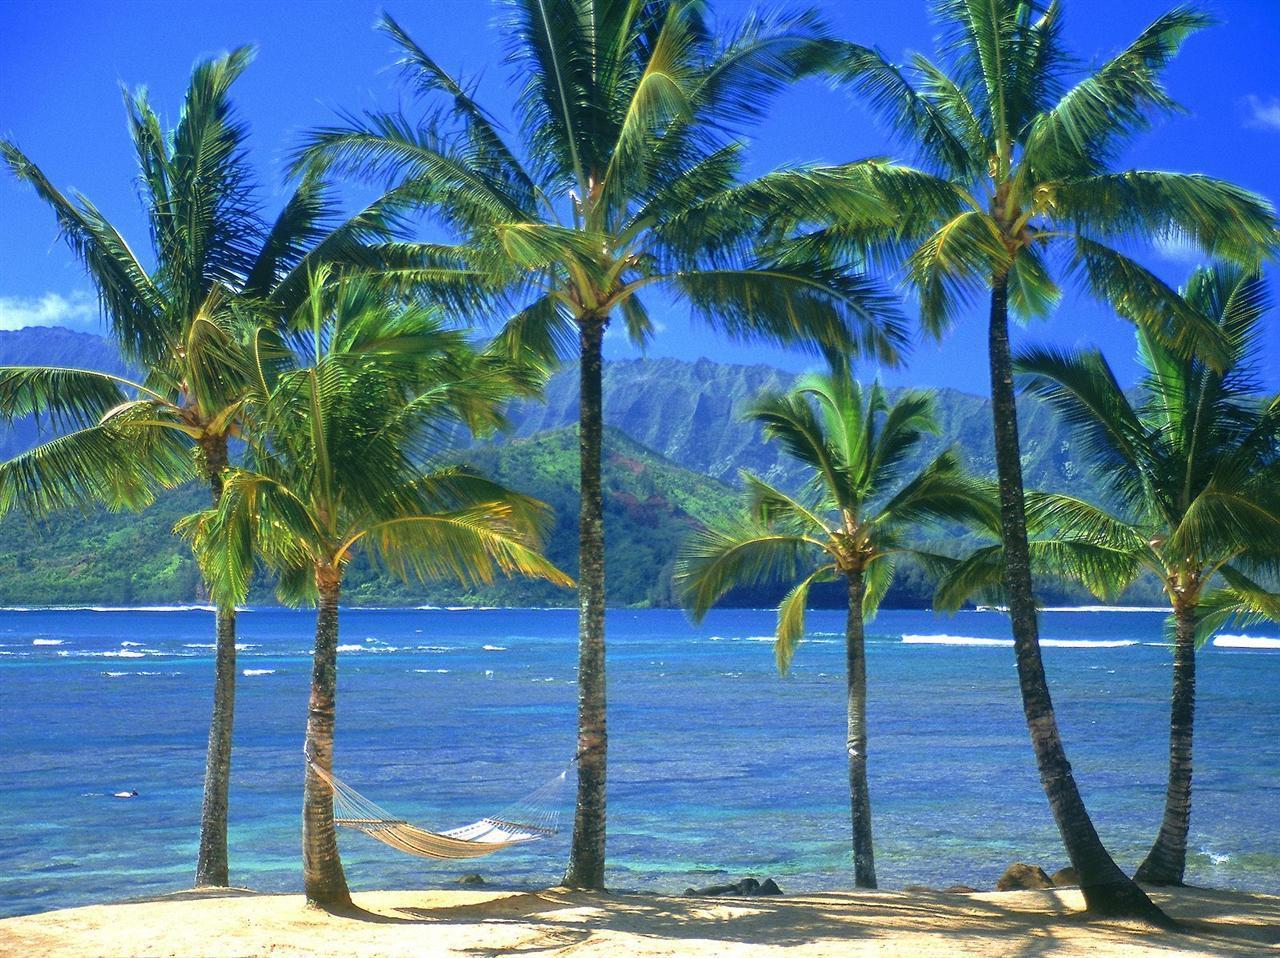 Destinos del Caribe – Lugares que permanecerán contigo para siempre